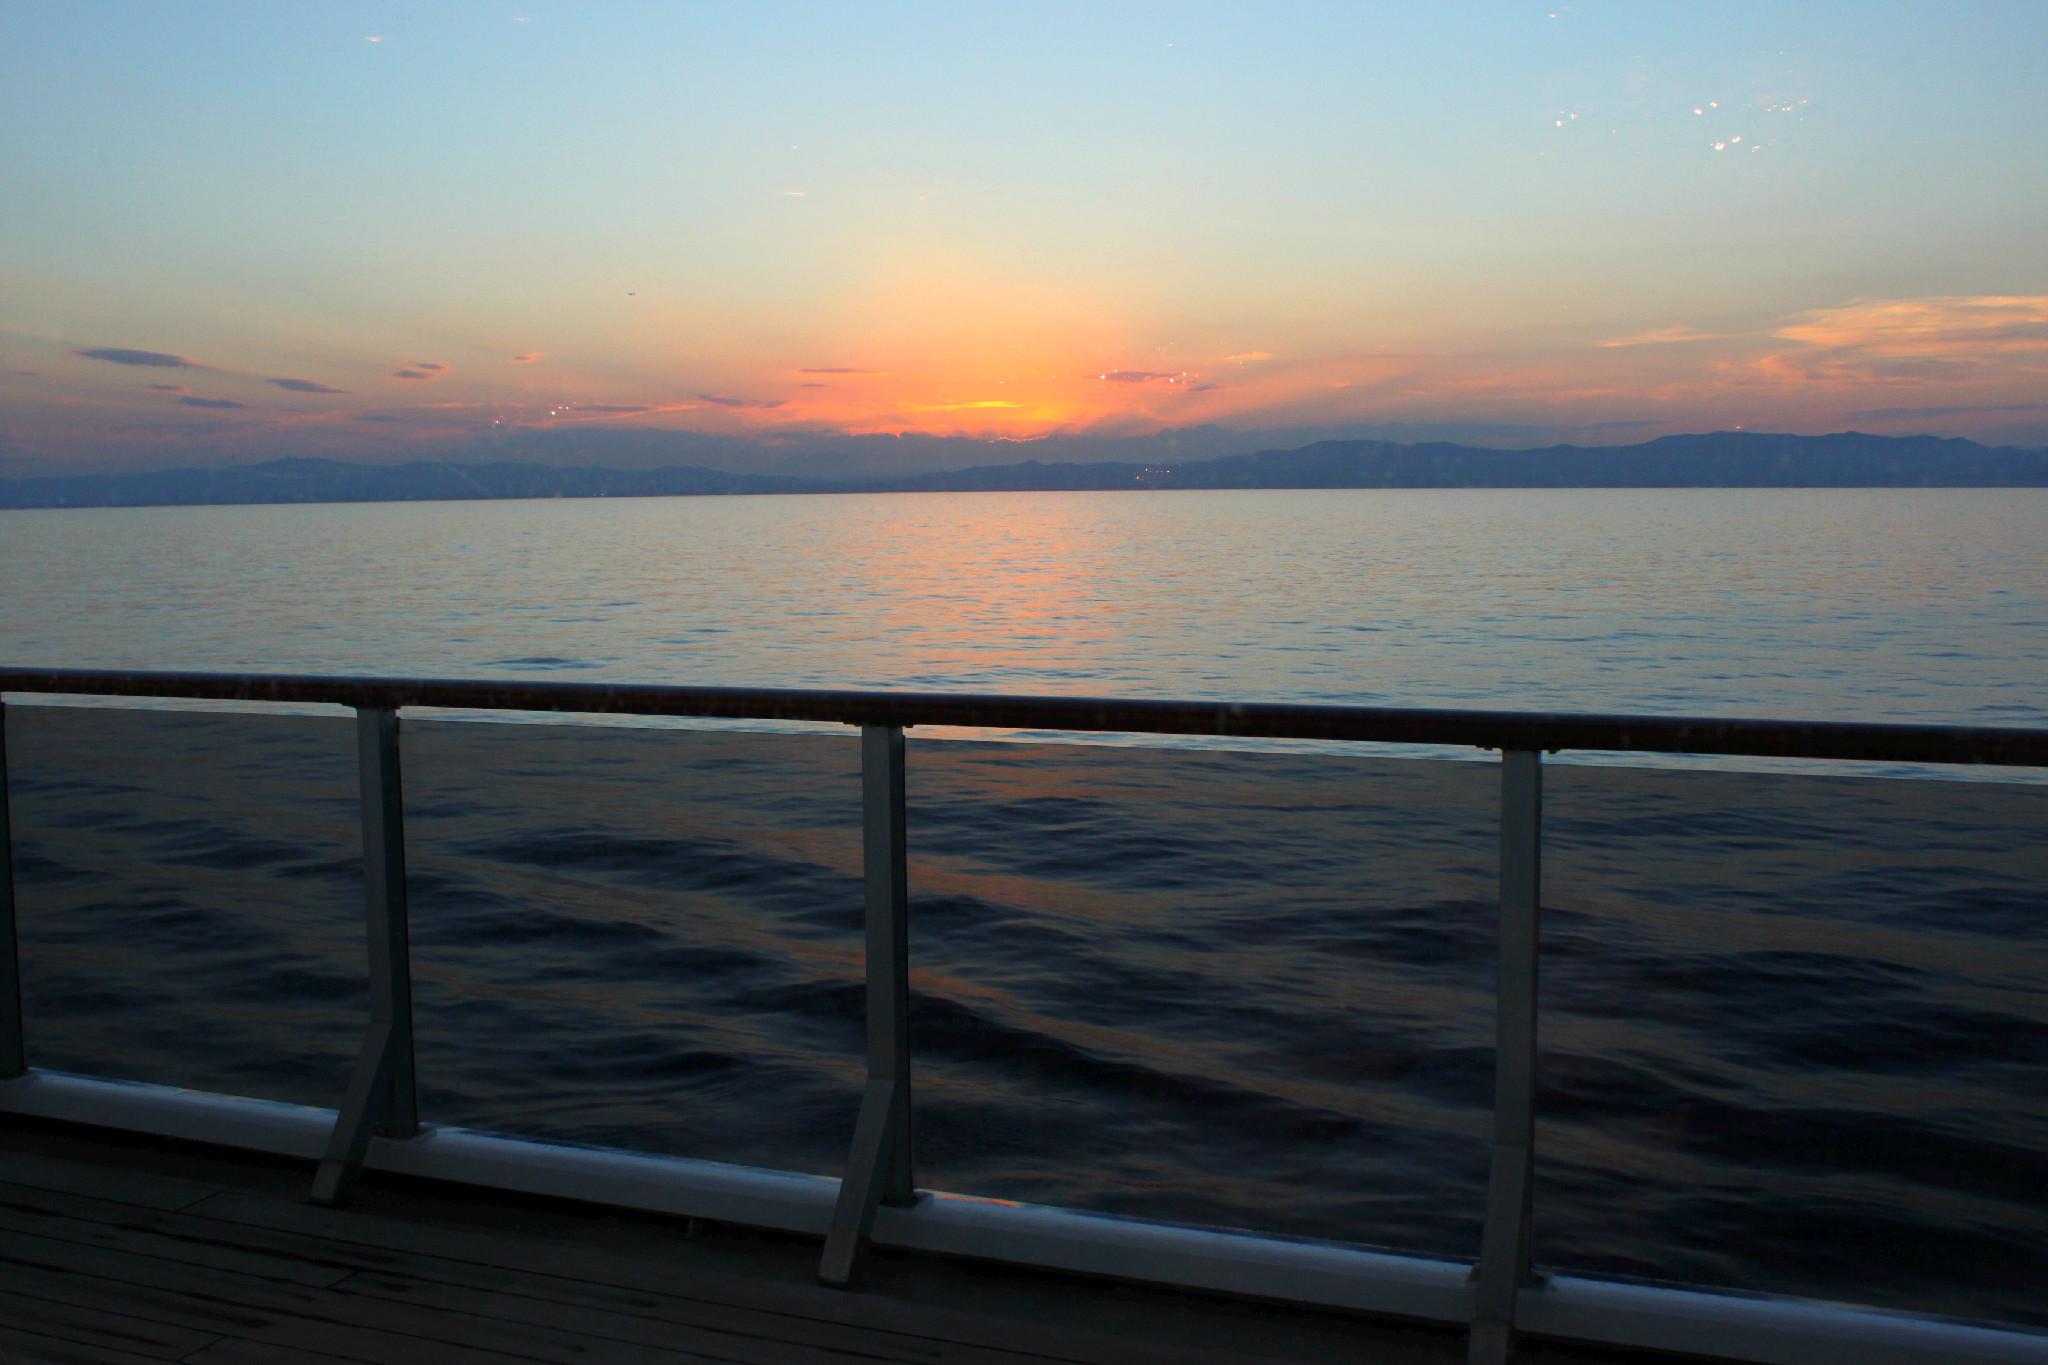 costa crociere costablogtour vista mare barcellona